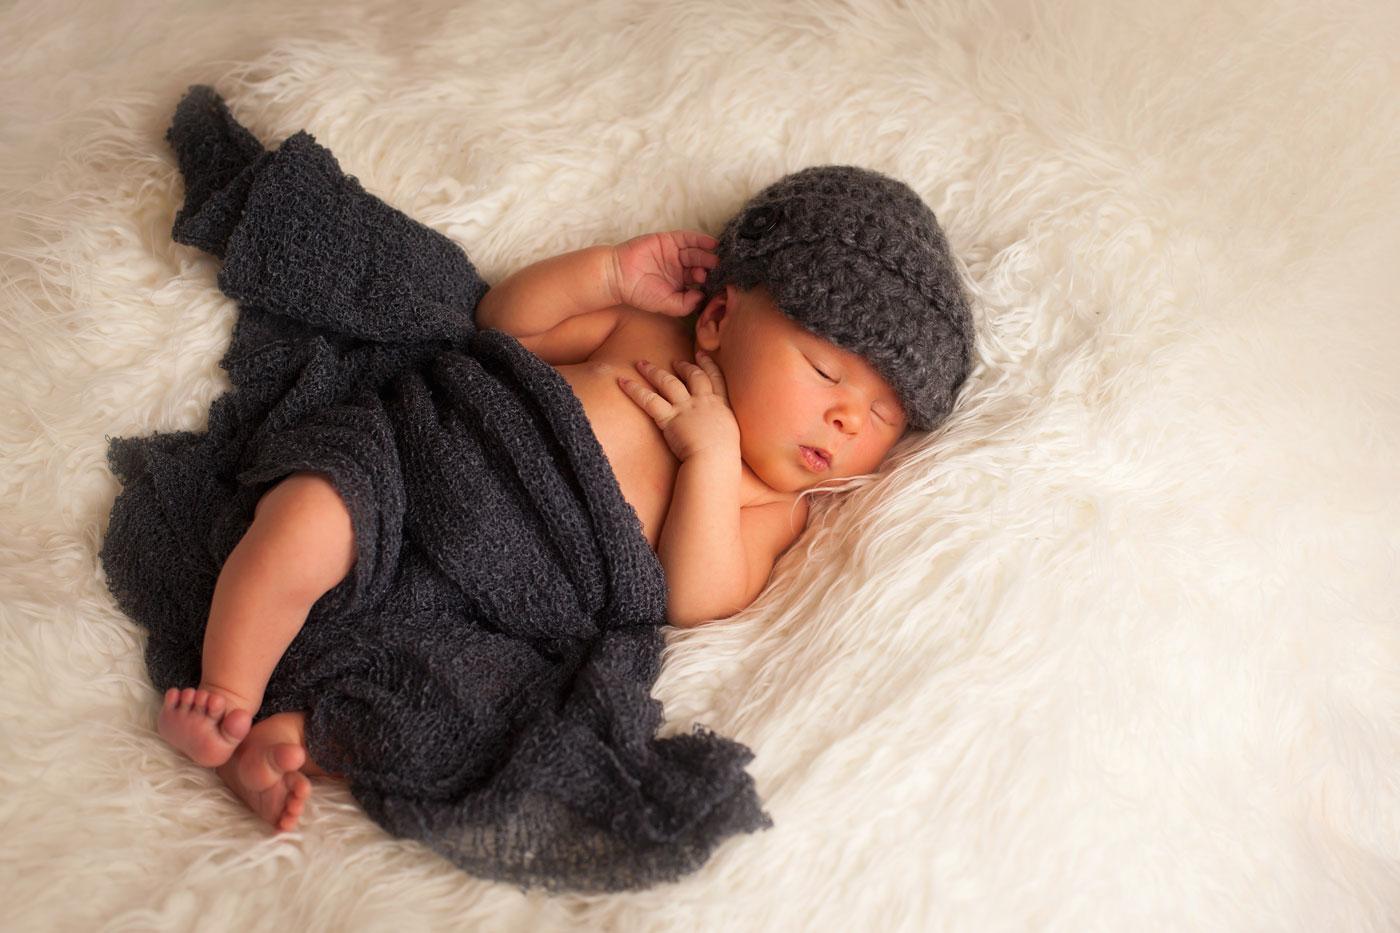 Russtanna_Photography_2014_Altmaier_newborn-25.jpg